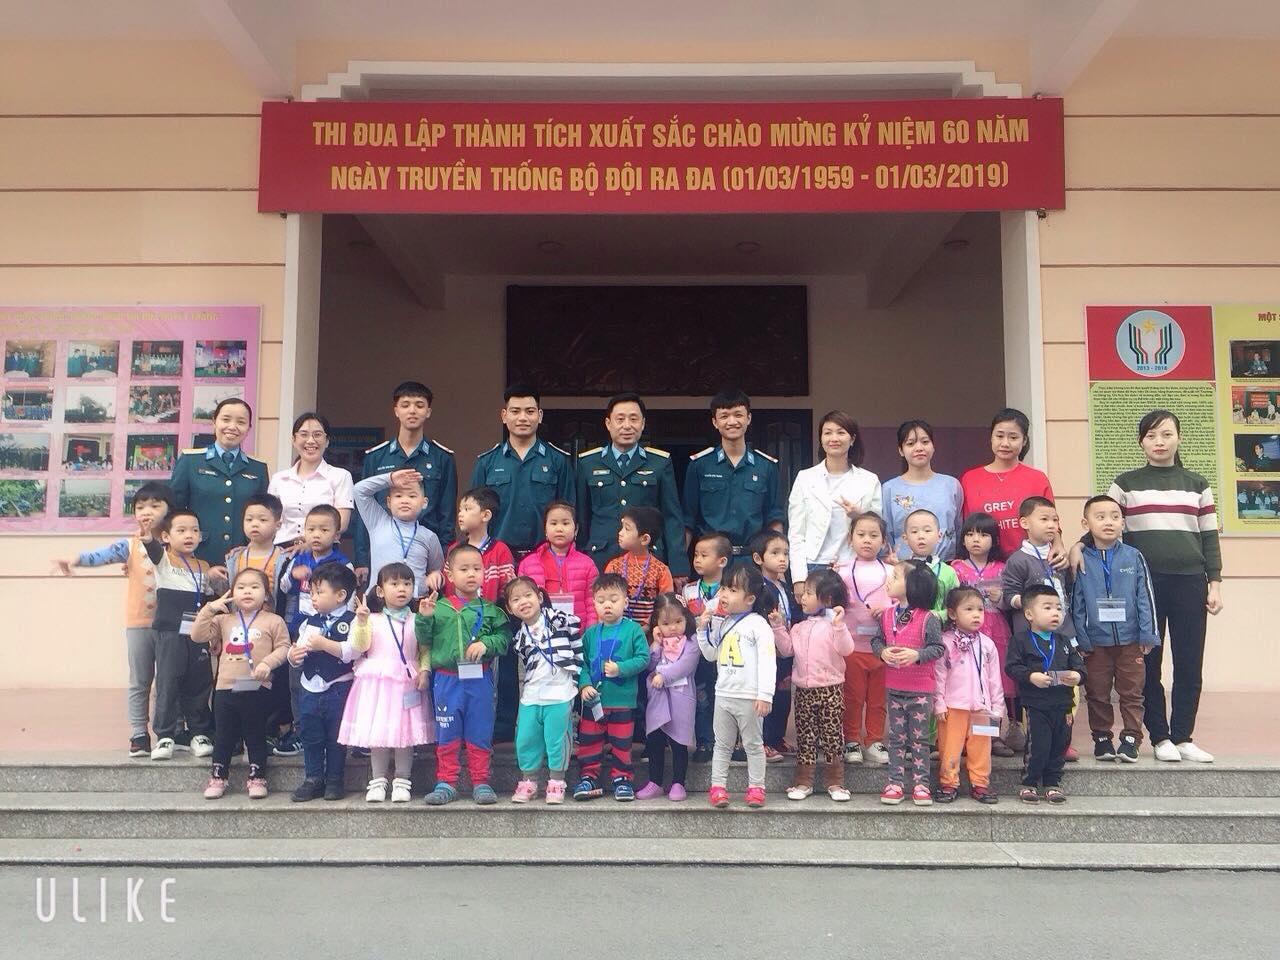 Trường mầm non Funny Sun (Mặt trời vui nhộn) - Trung Hòa